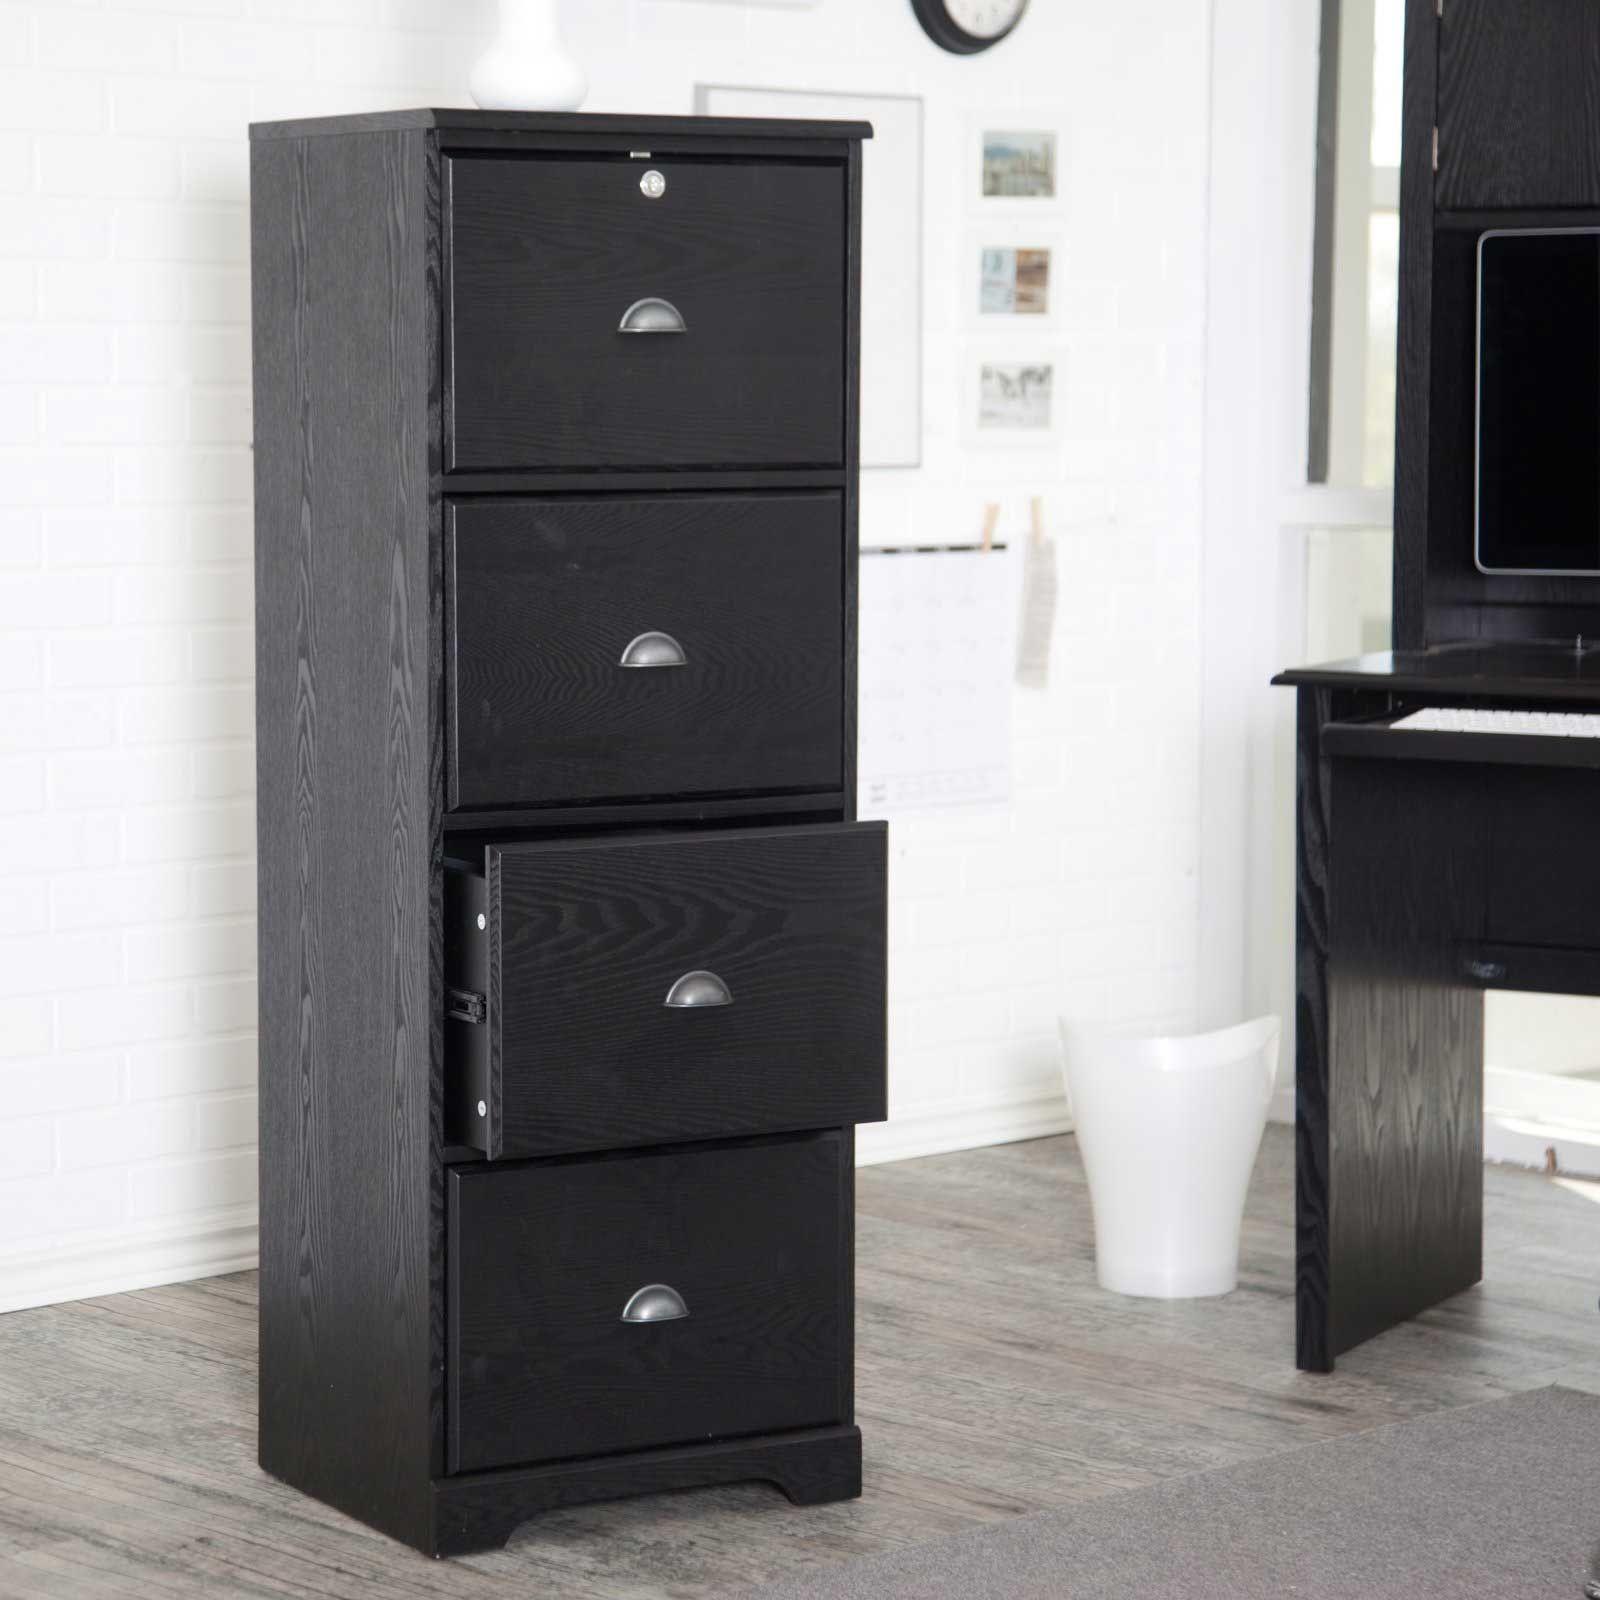 Marvelous Black Wooden File Cabinets 4 Drawer